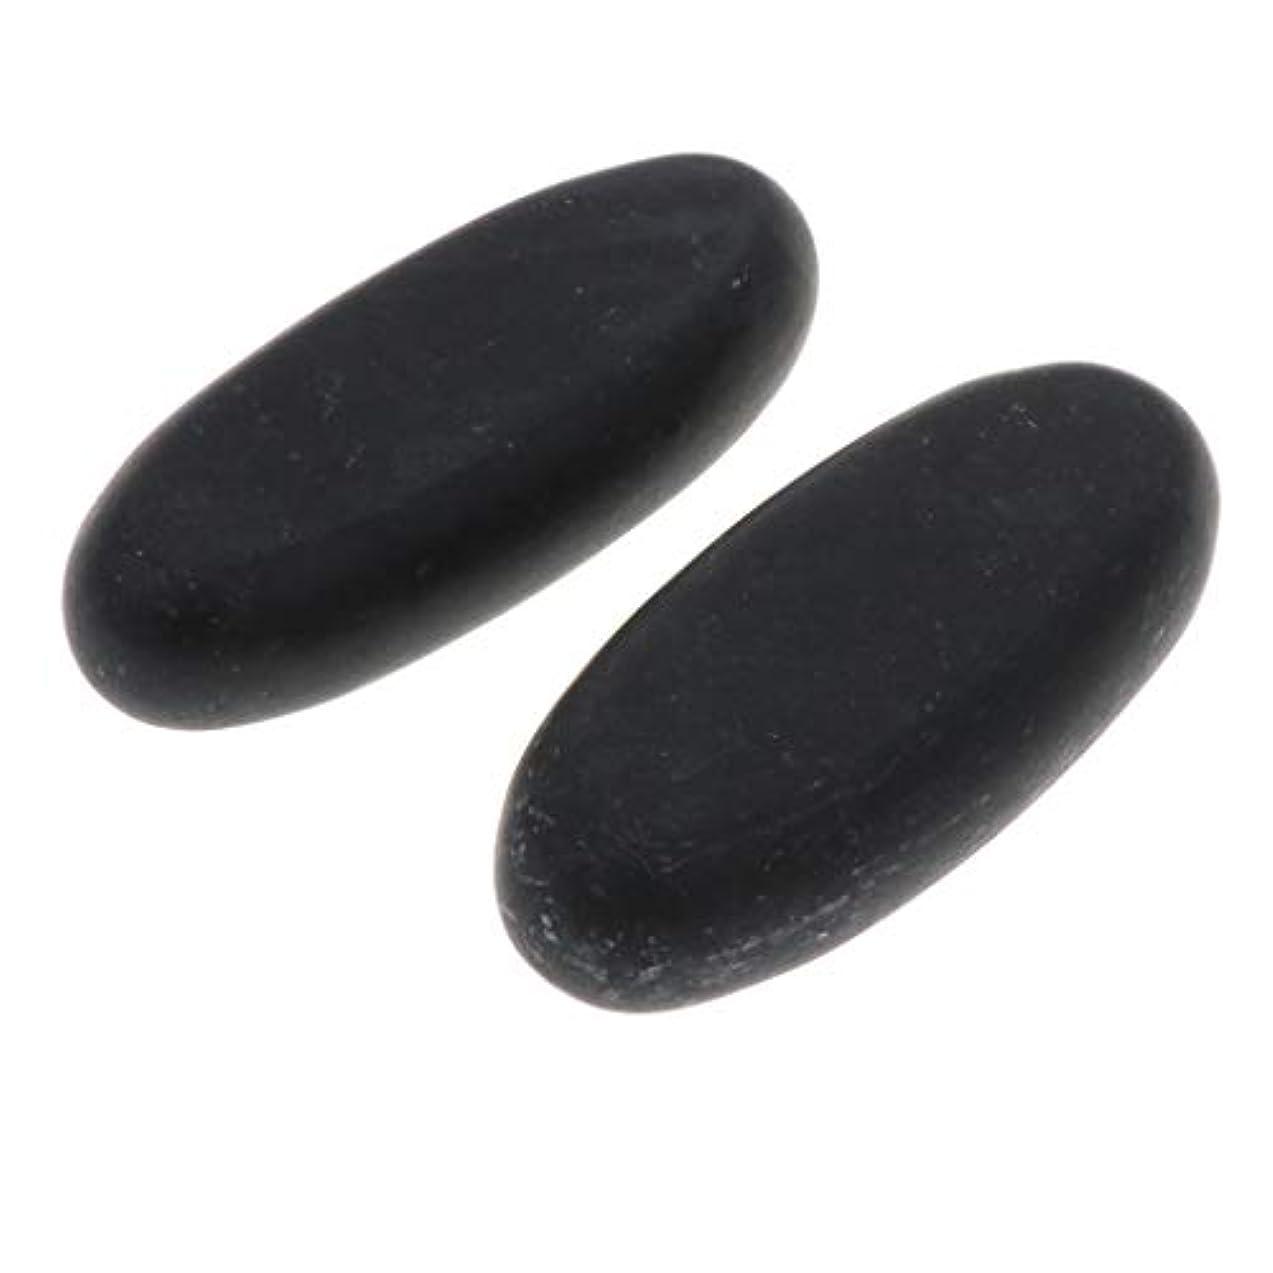 甘やかす側面メガロポリスSM SunniMix 天然石ホットストーン マッサージ用玄武岩 マッサージストーン マッサージ石 ボディマッサージ 2個 全2サイズ - 8×3.2×1.5cm